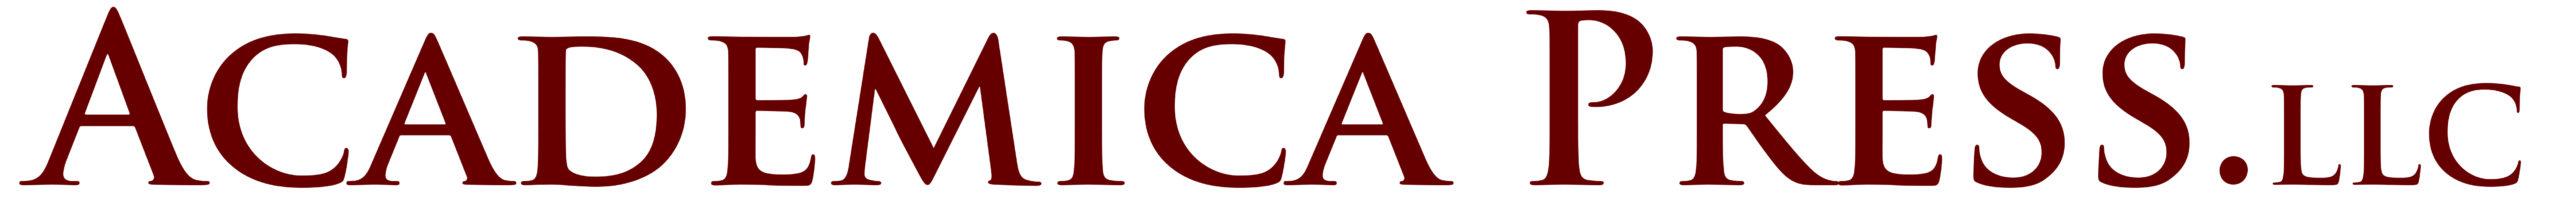 Academica Press